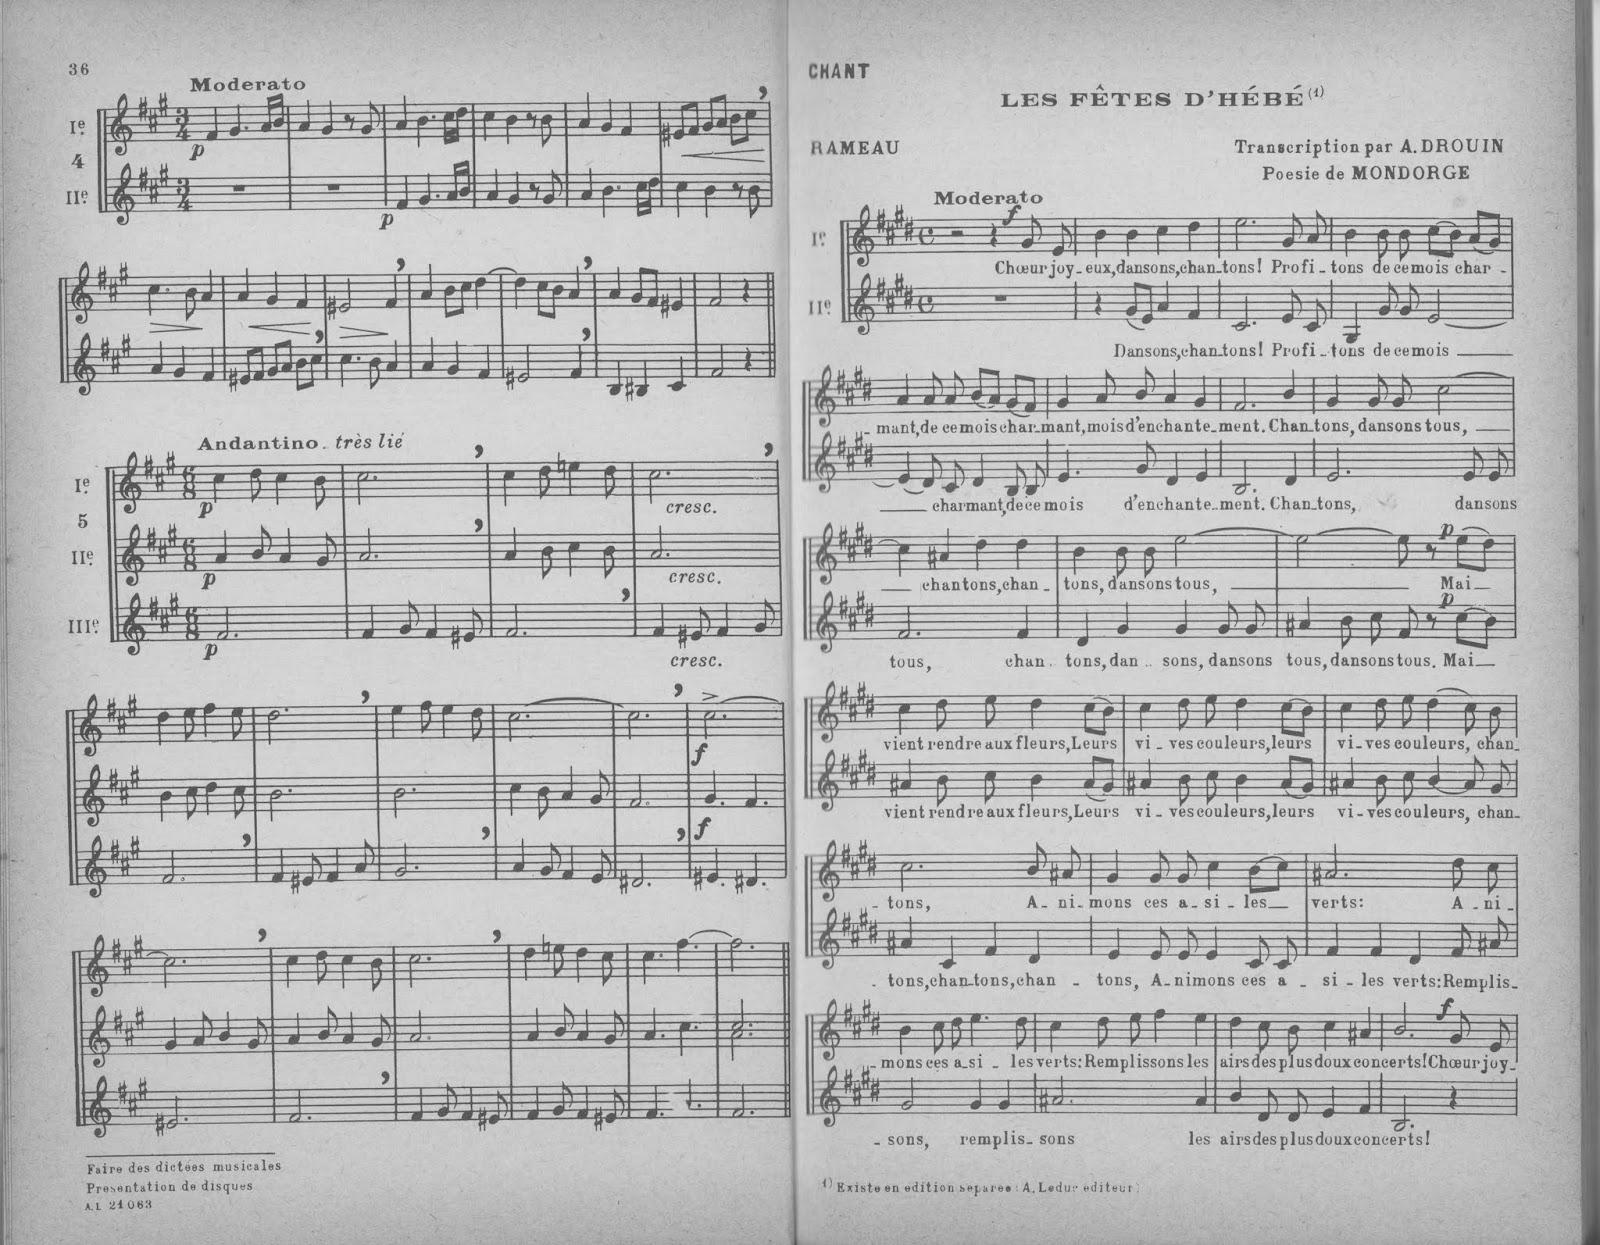 cours complet de musique pdf